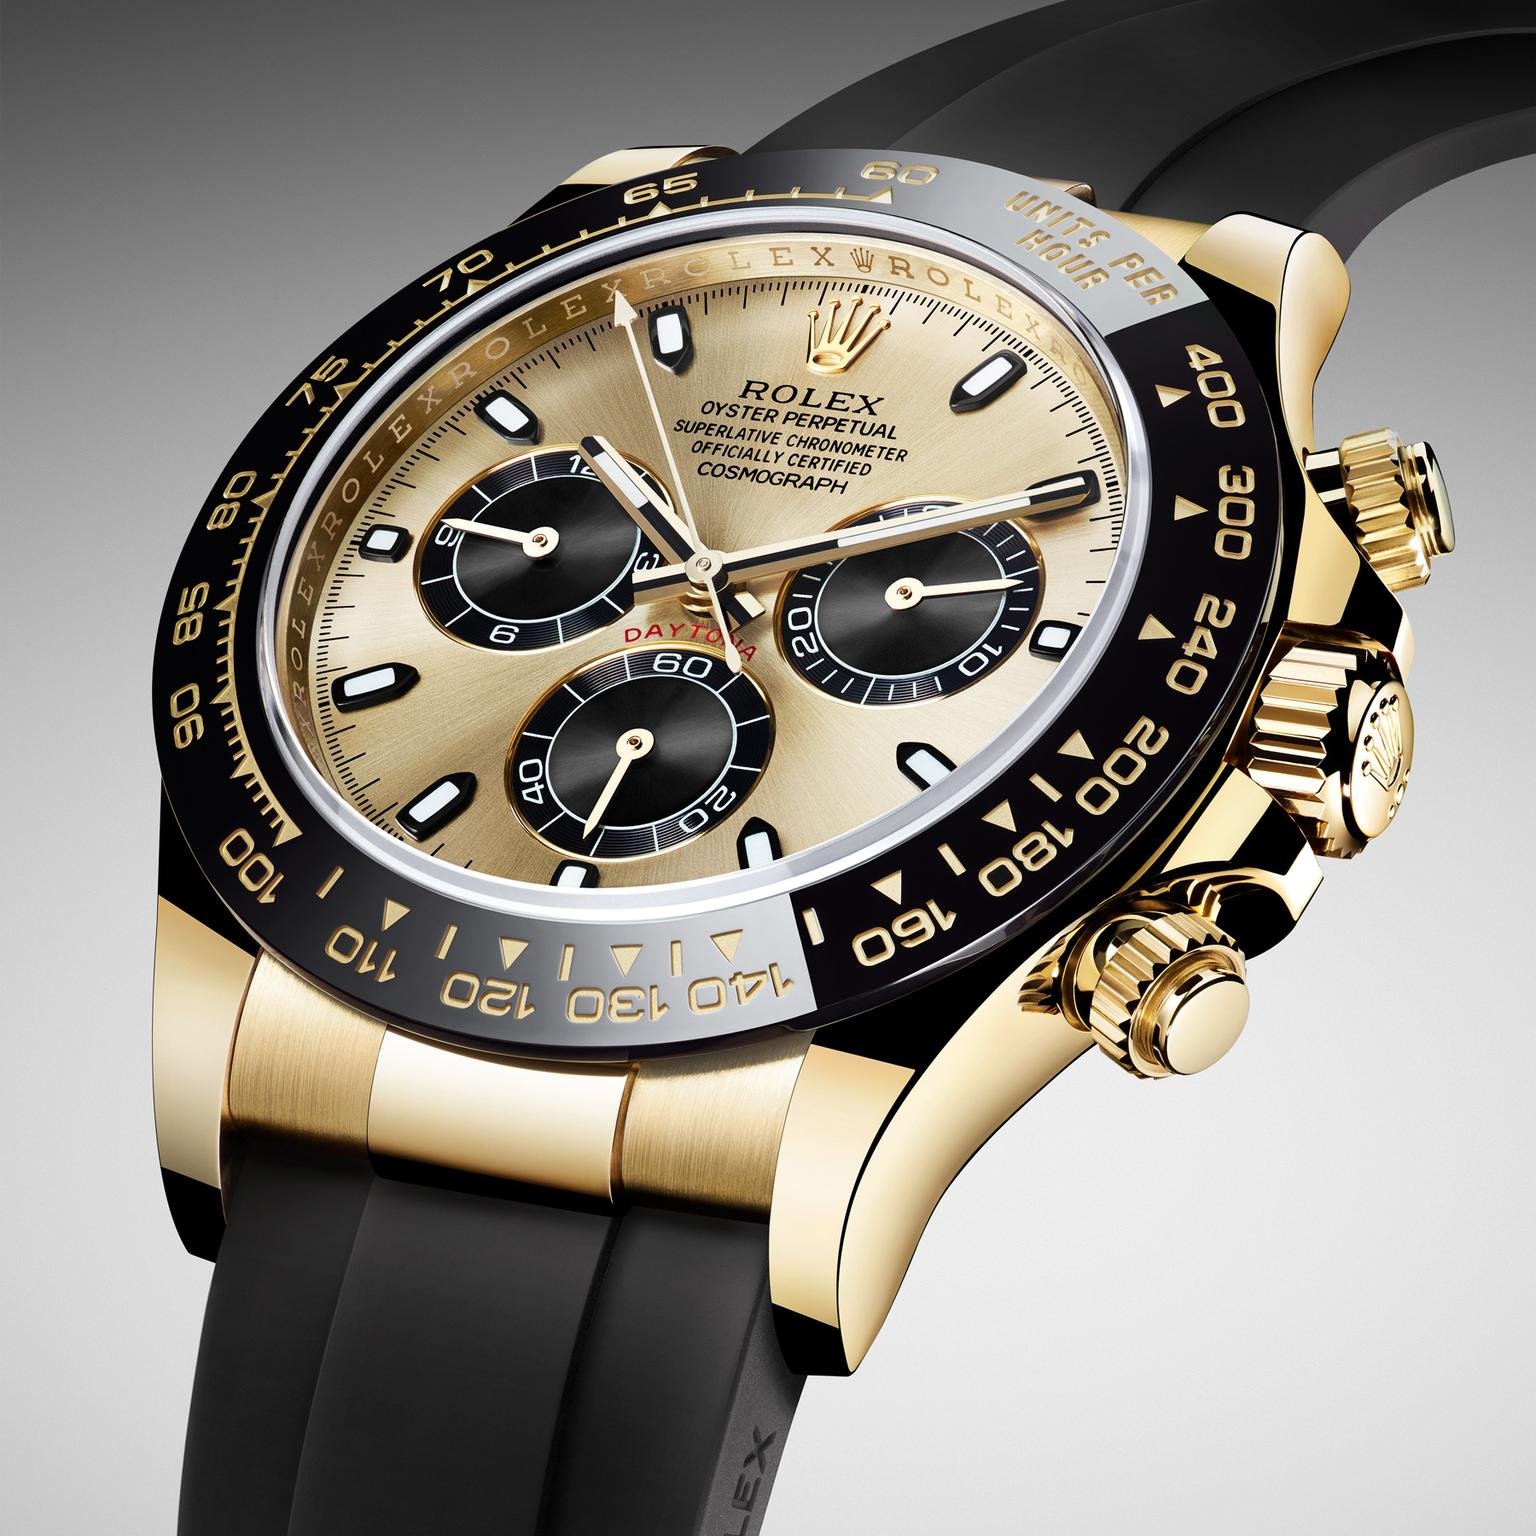 Γιατί τα ρολόγια Rolex είναι τόσο ακριβά- Η λεπτομέρεια που πολύ ... bdf4d32fc29